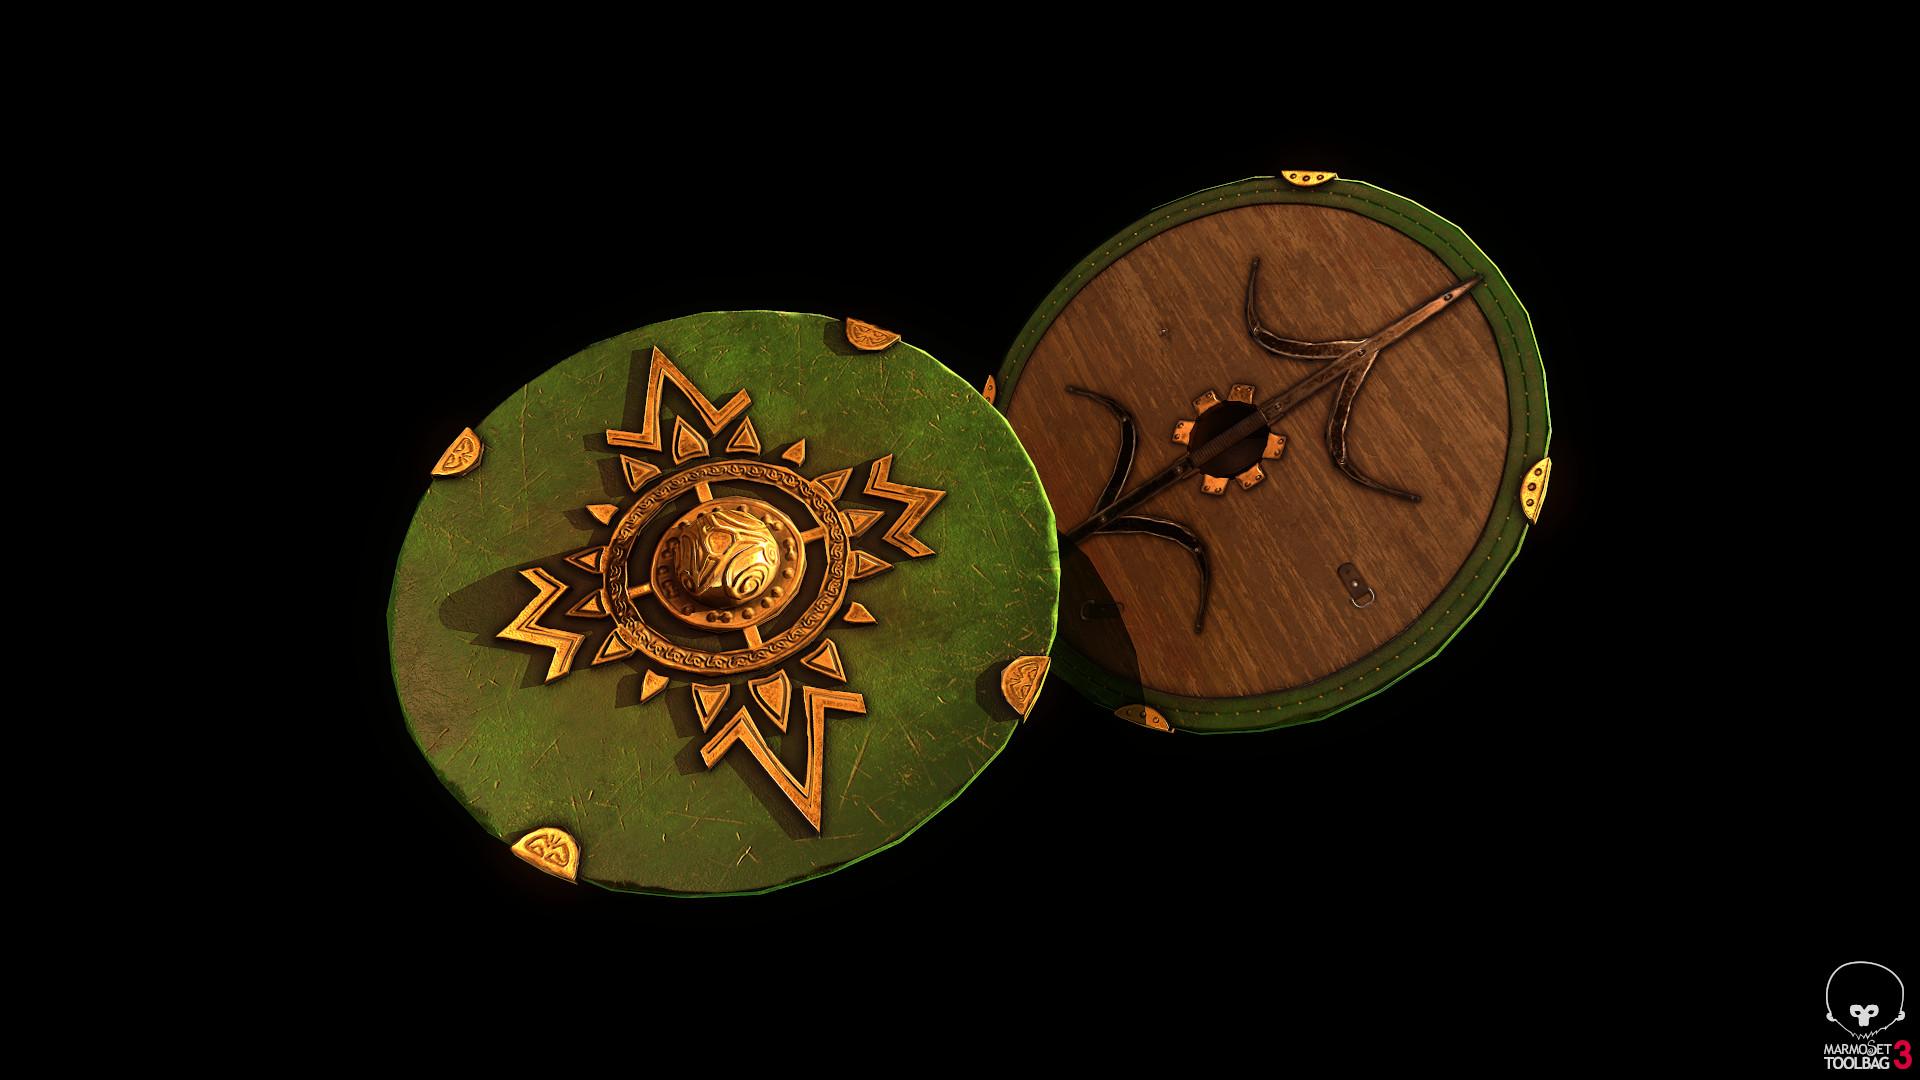 Bela csampai s4h rohan shield eorl guard 01 render mt 01